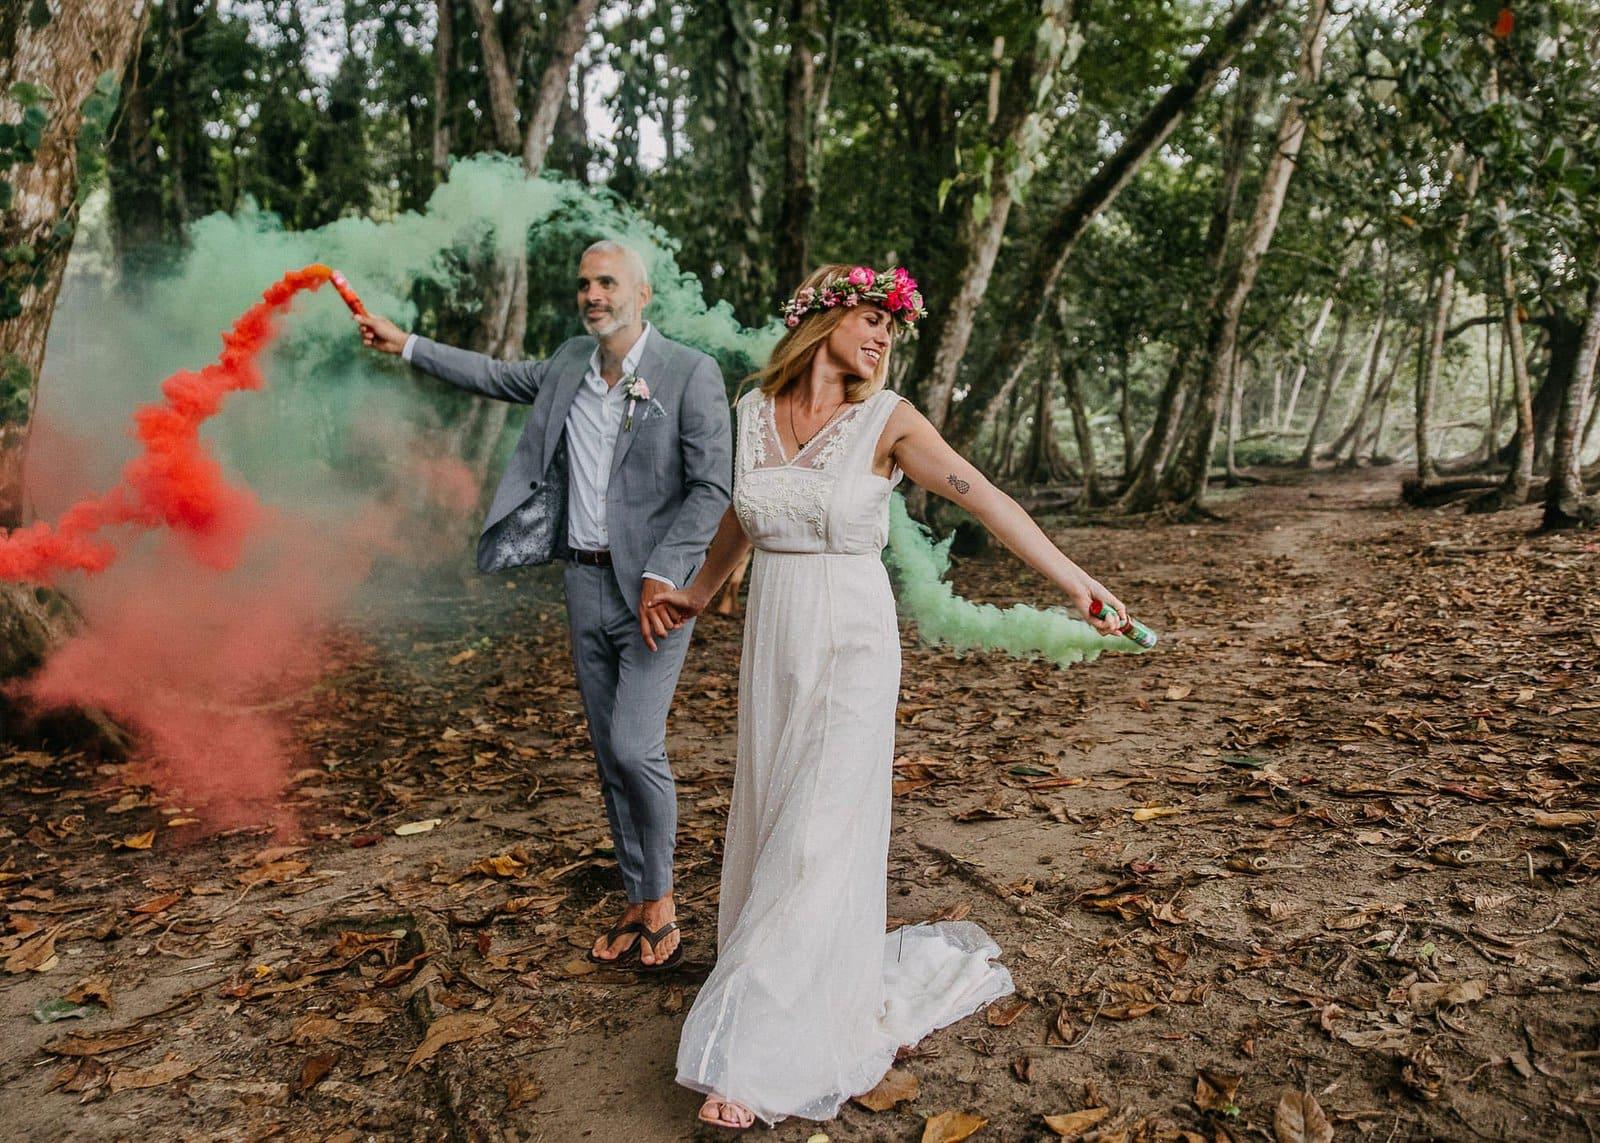 Costa Rica fun elopement.